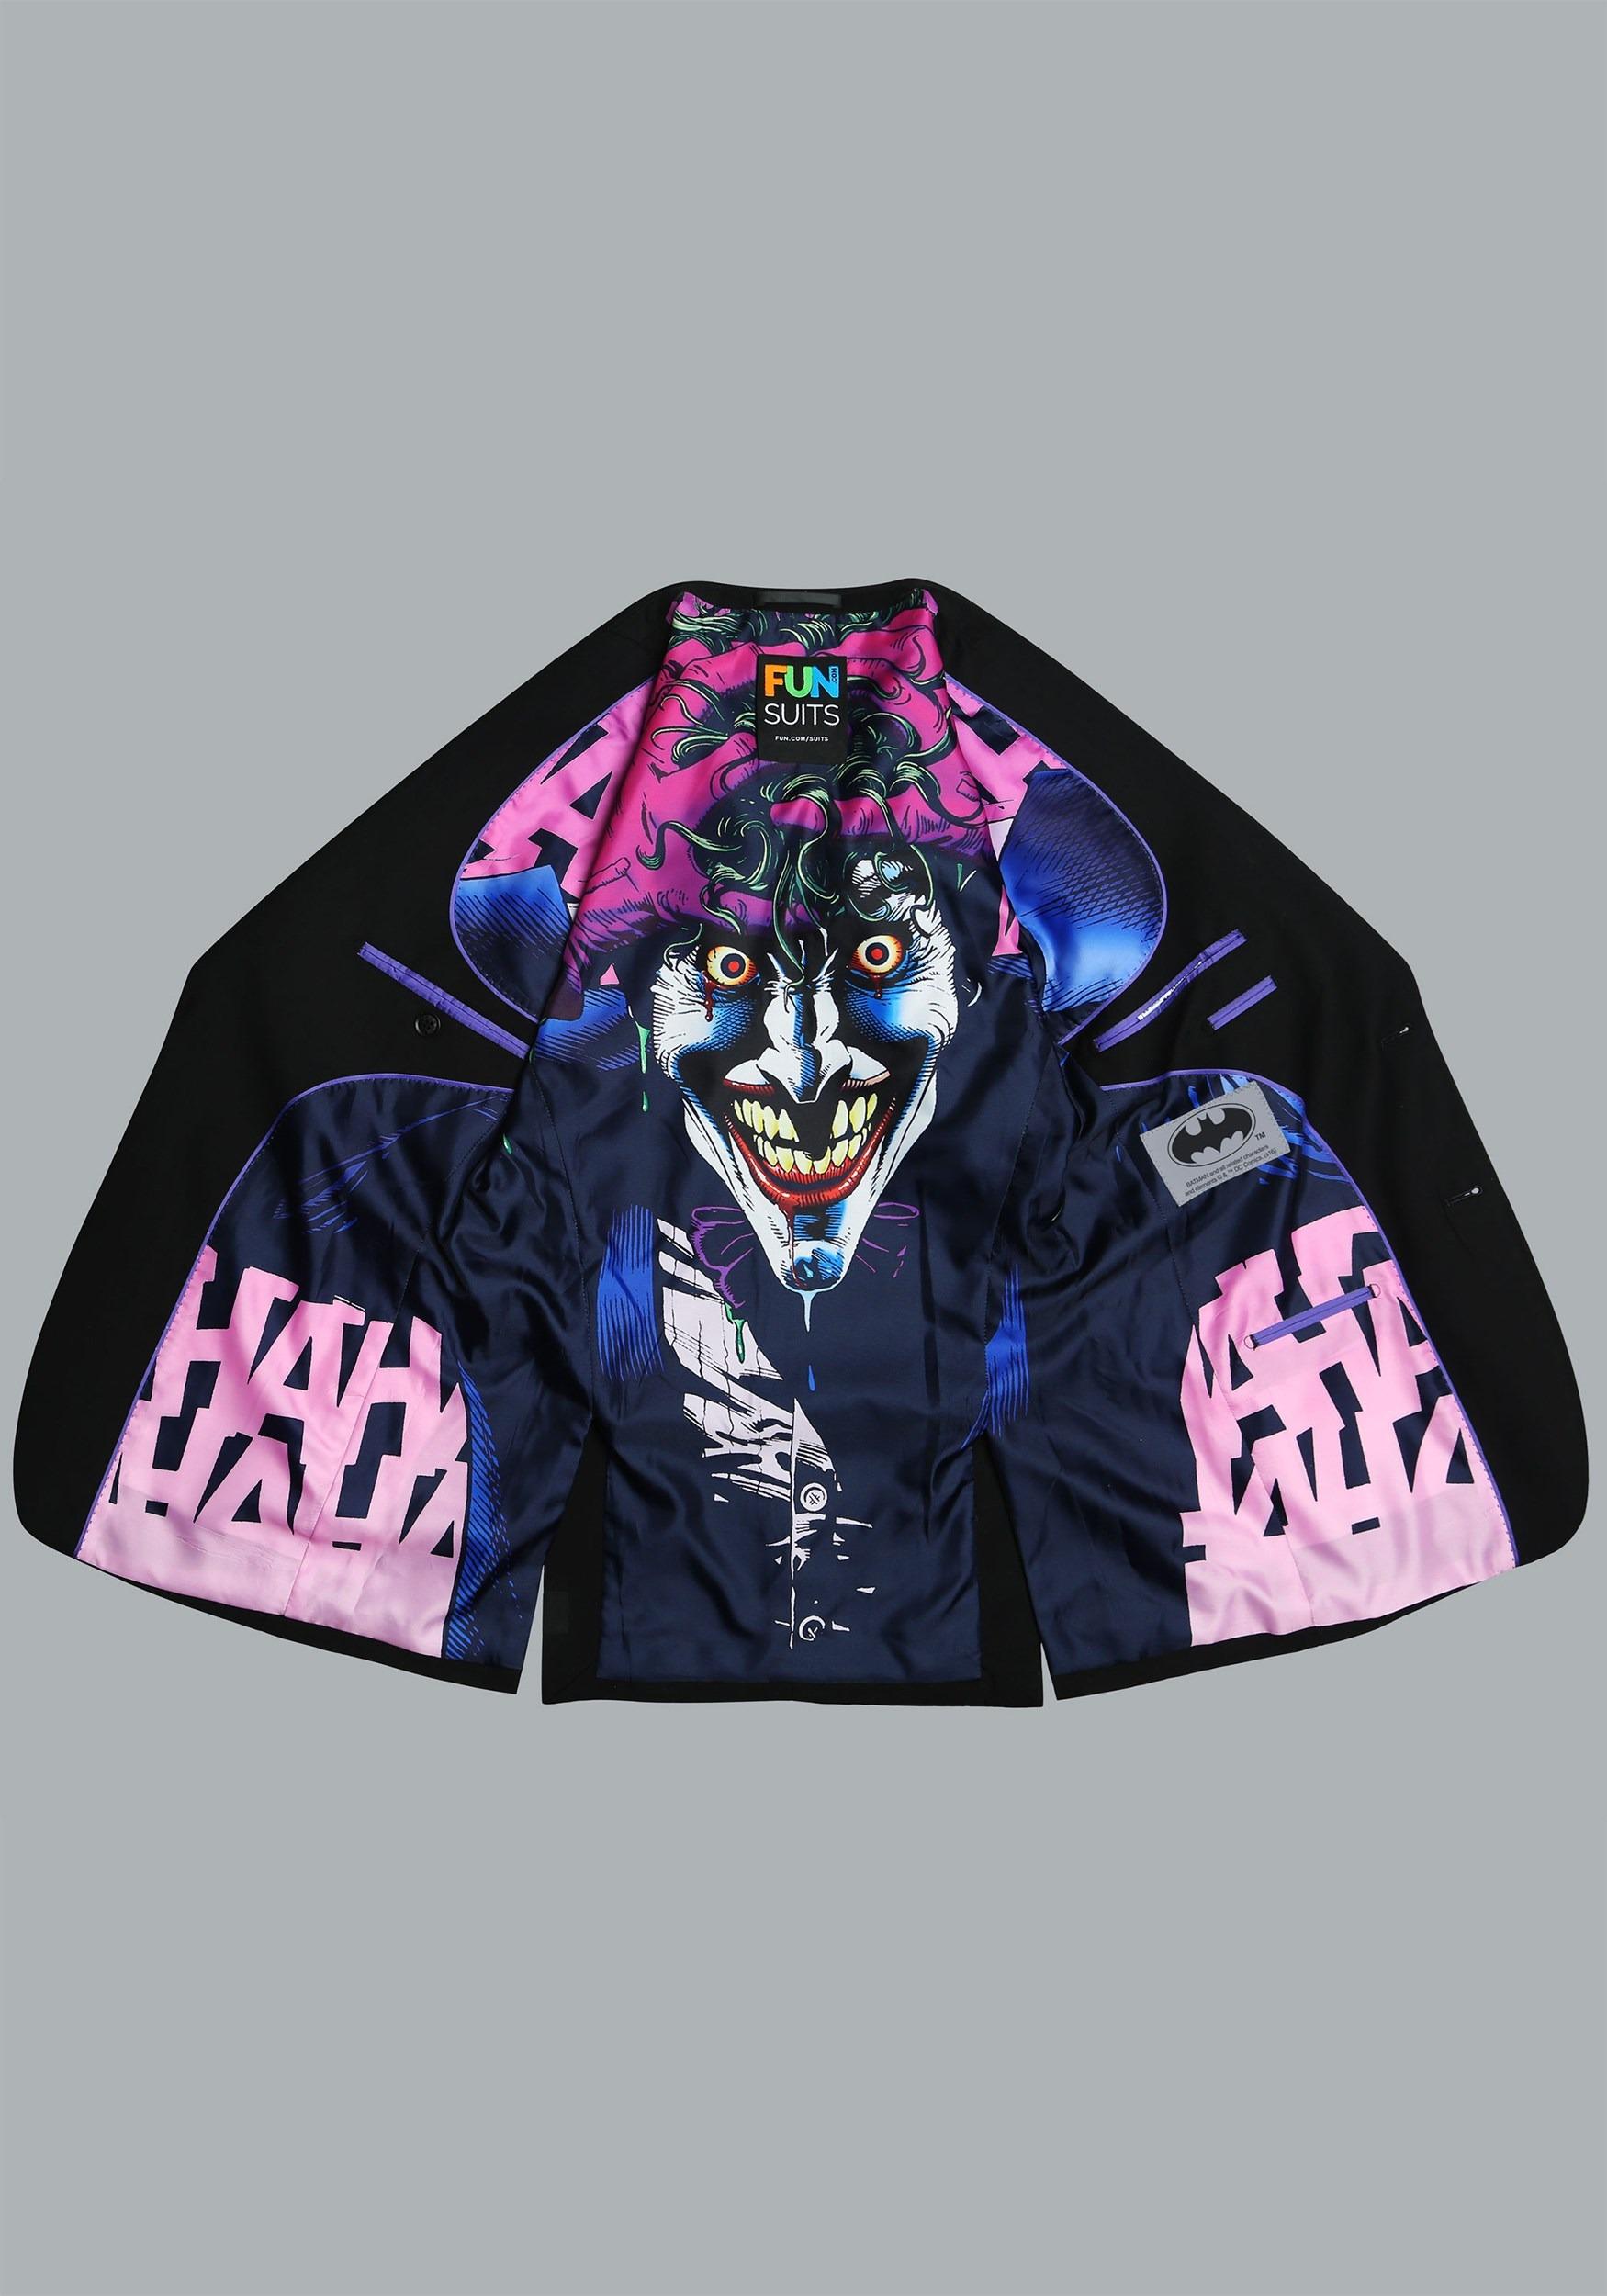 0da978ea47e The joker slim fit suit jacket secret identity jpg 2500x1750 Joker themed  gifts